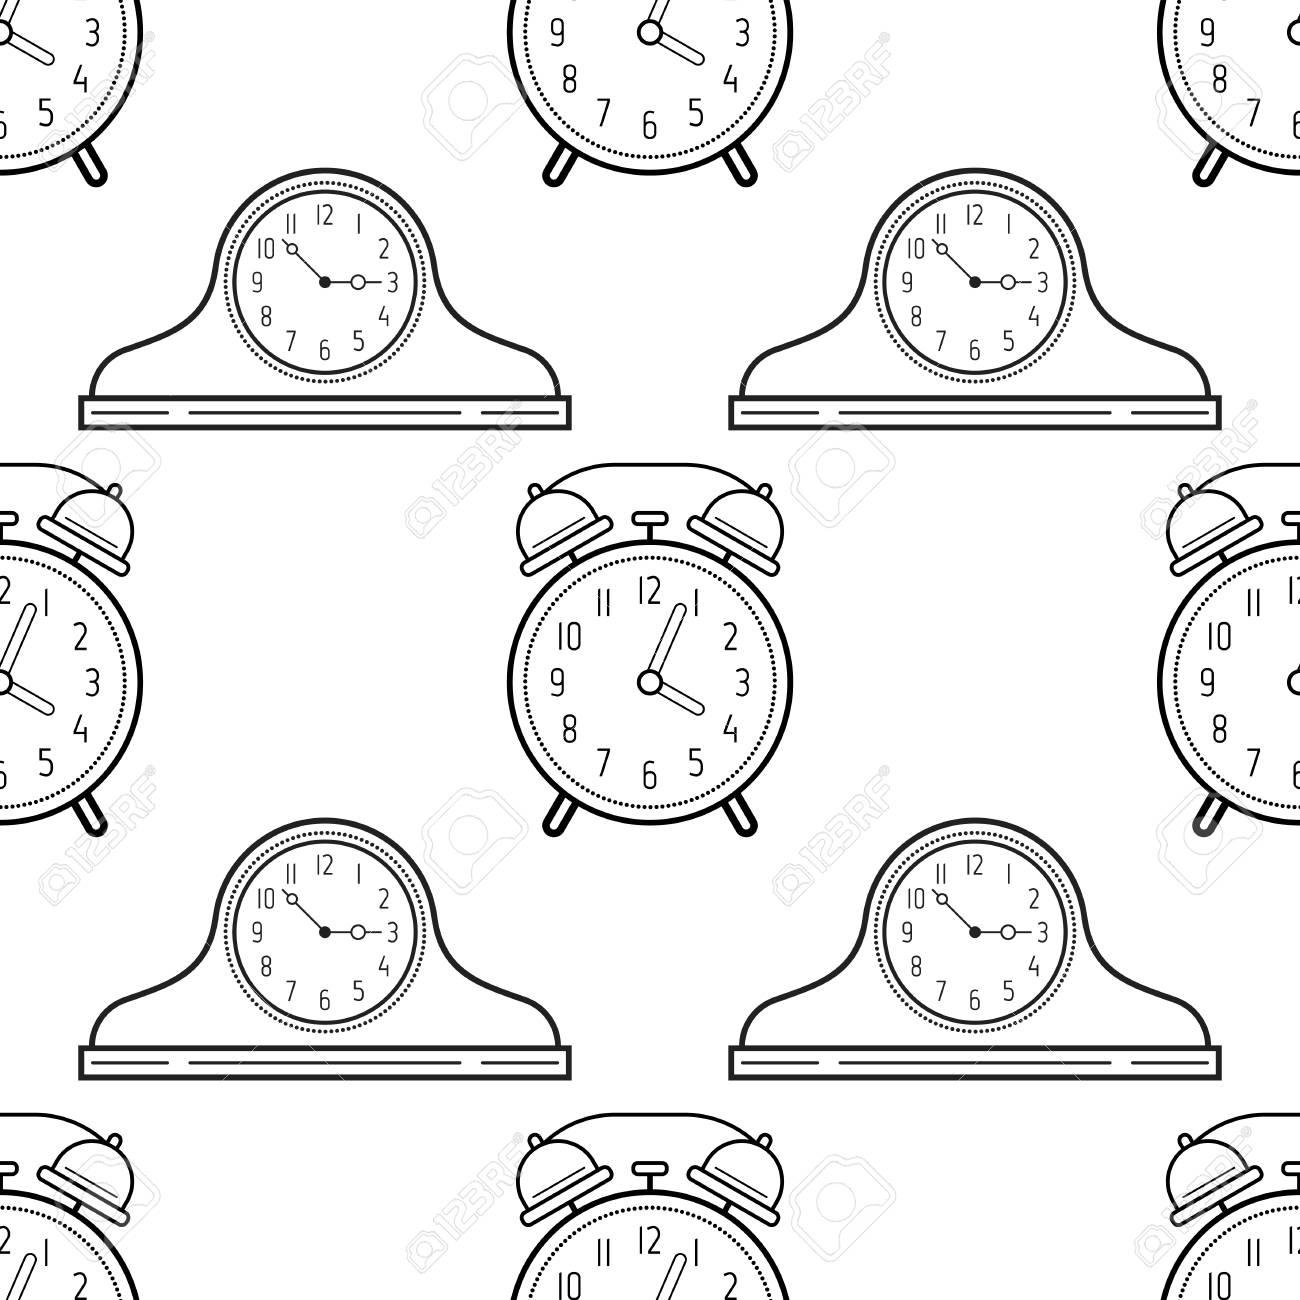 Despertador Y Relojes De Manta Blanco Y Negro Sin Patrón Para Colorear Libros Páginas Ilustración Del Vector